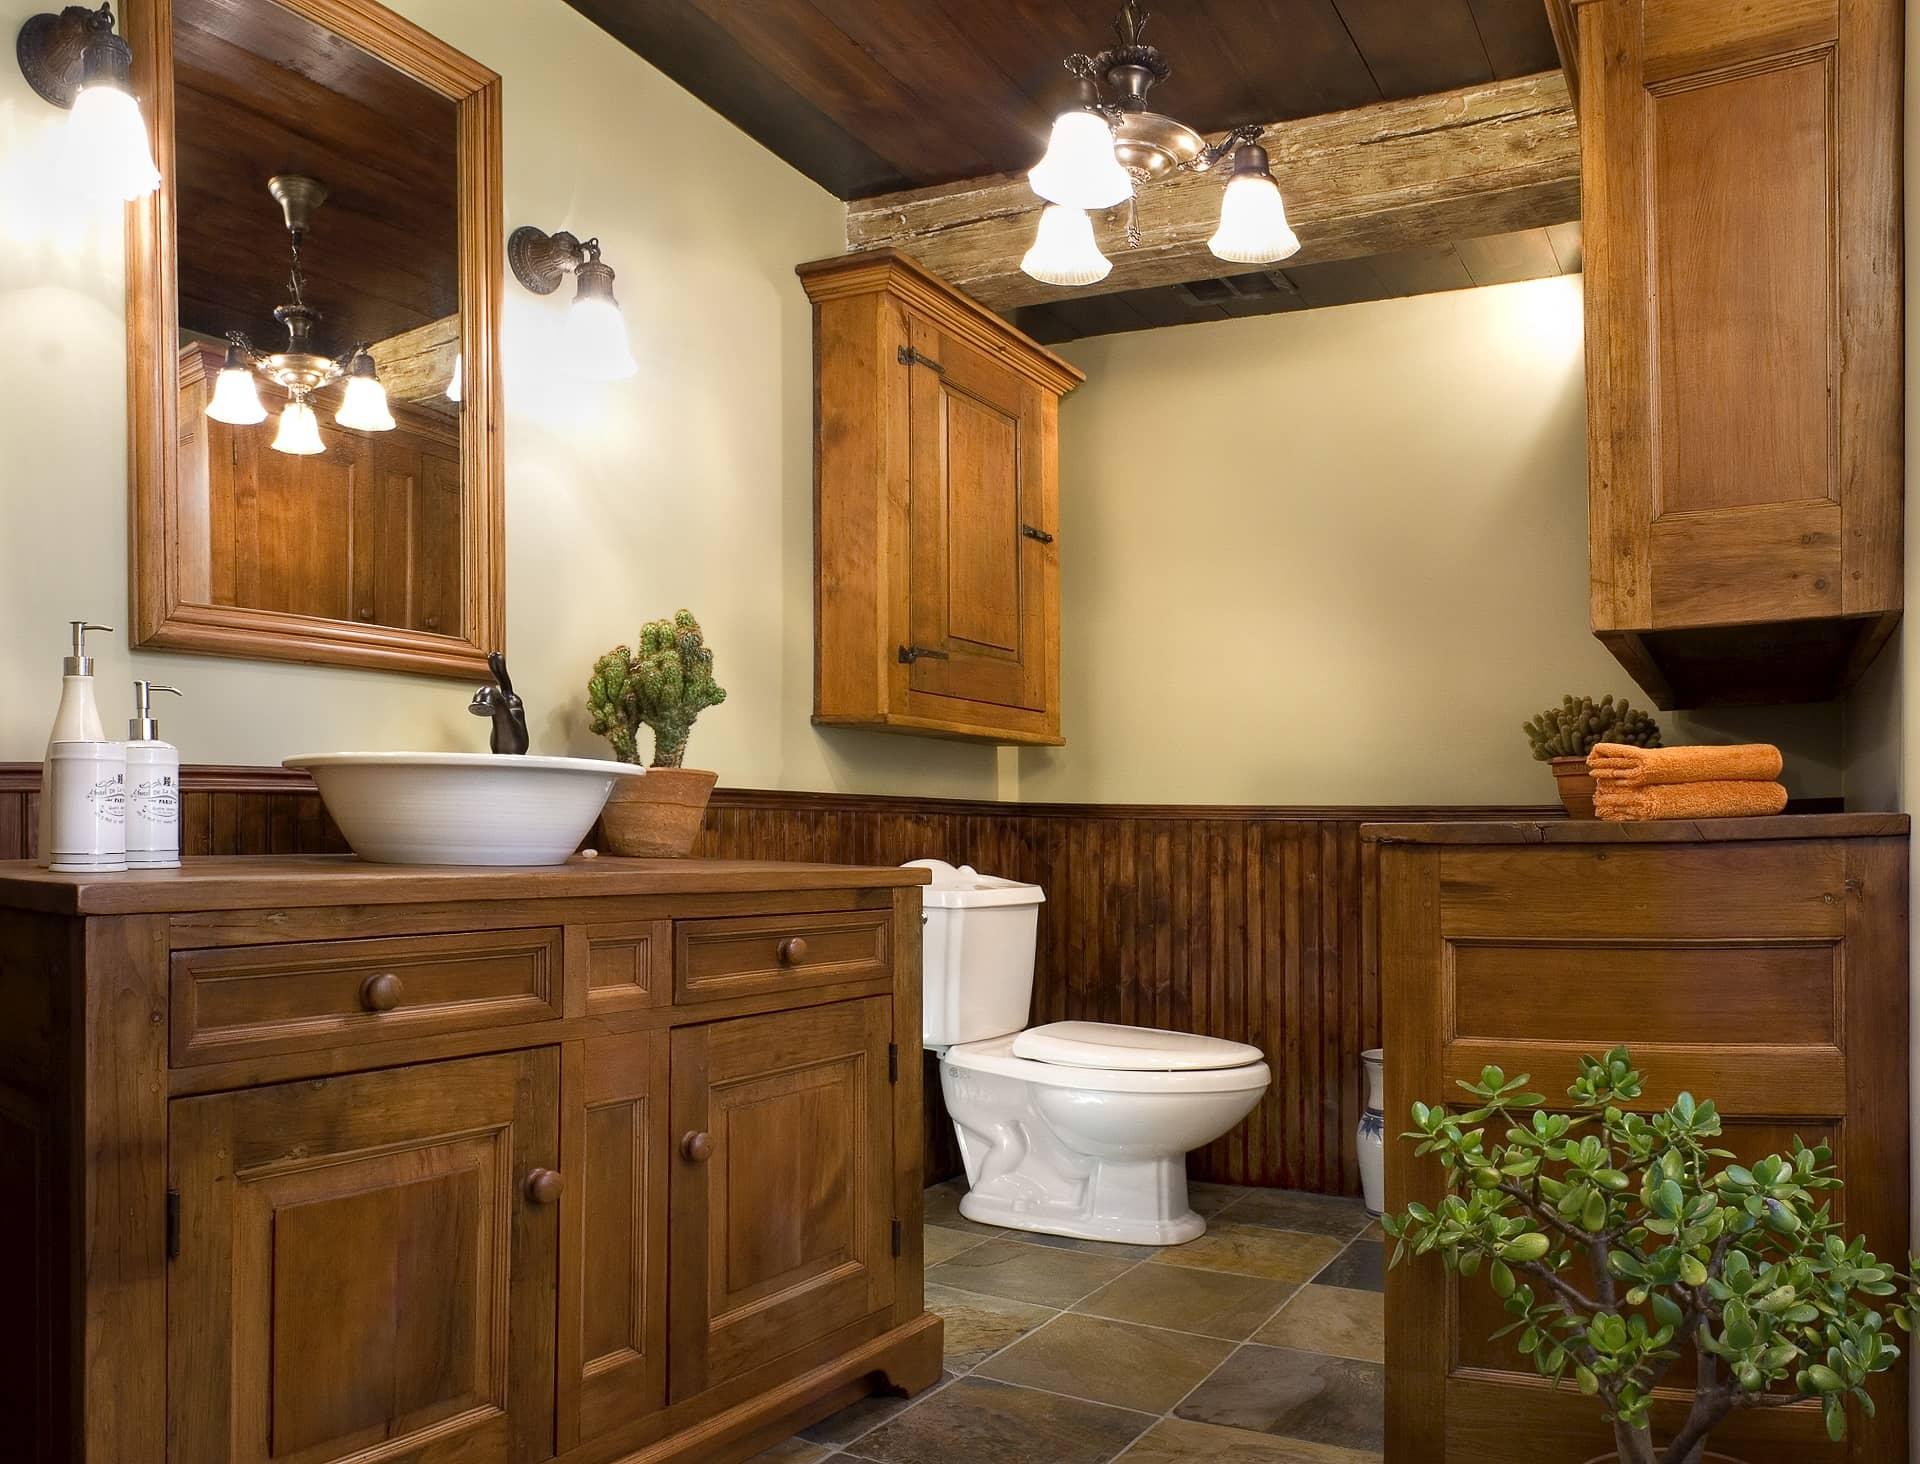 Salle De Bain Low Cost renovation de salle de bain avec cabinetterie antique - max